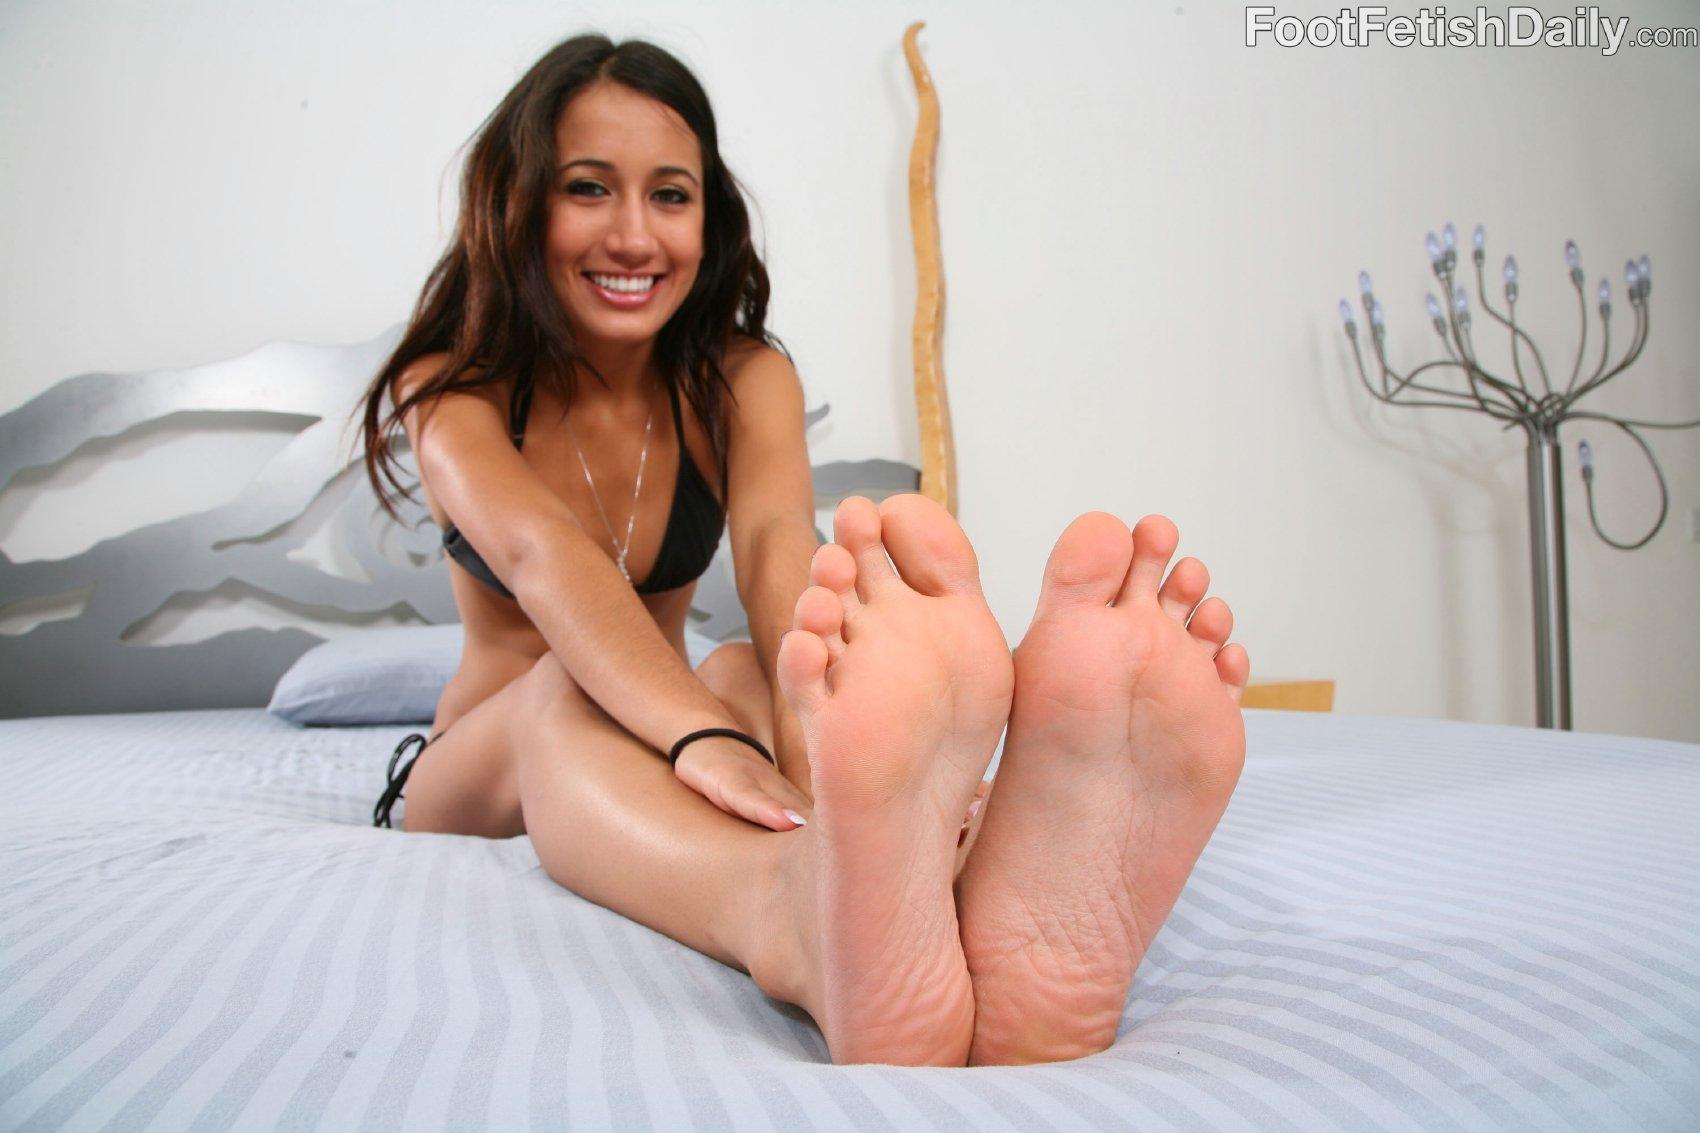 amia moretti s feet